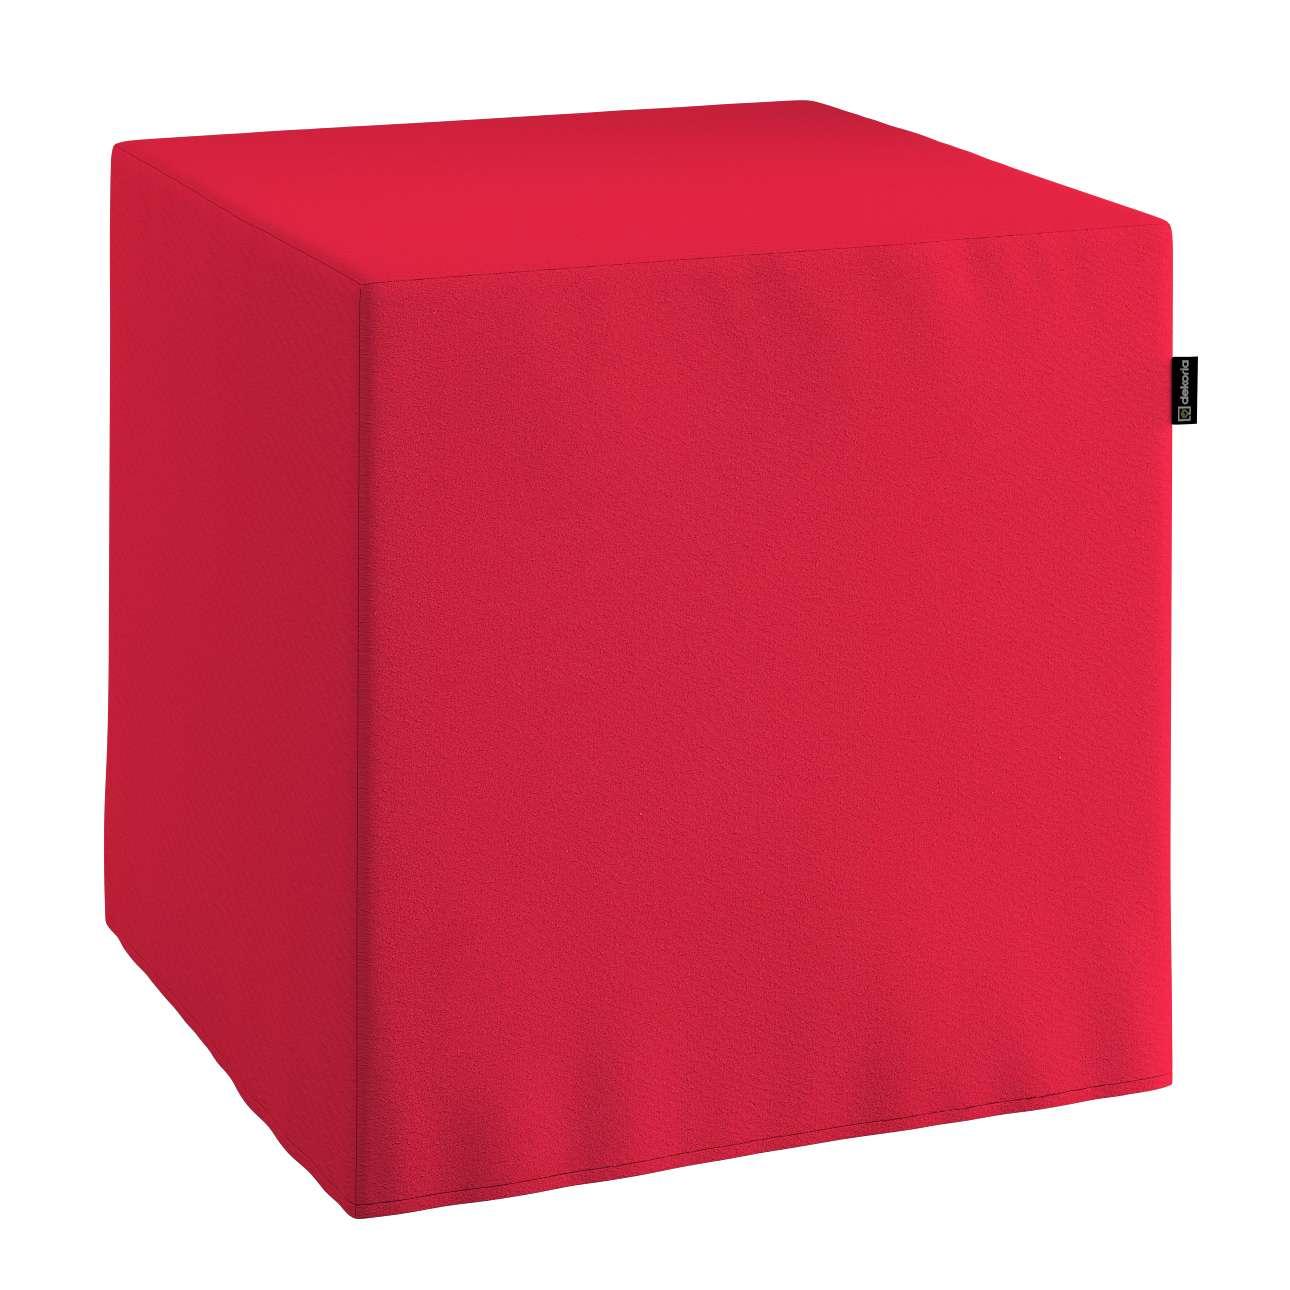 Harter Sitzwürfel 40 x 40 x 40 cm von der Kollektion Quadro, Stoff: 136-19